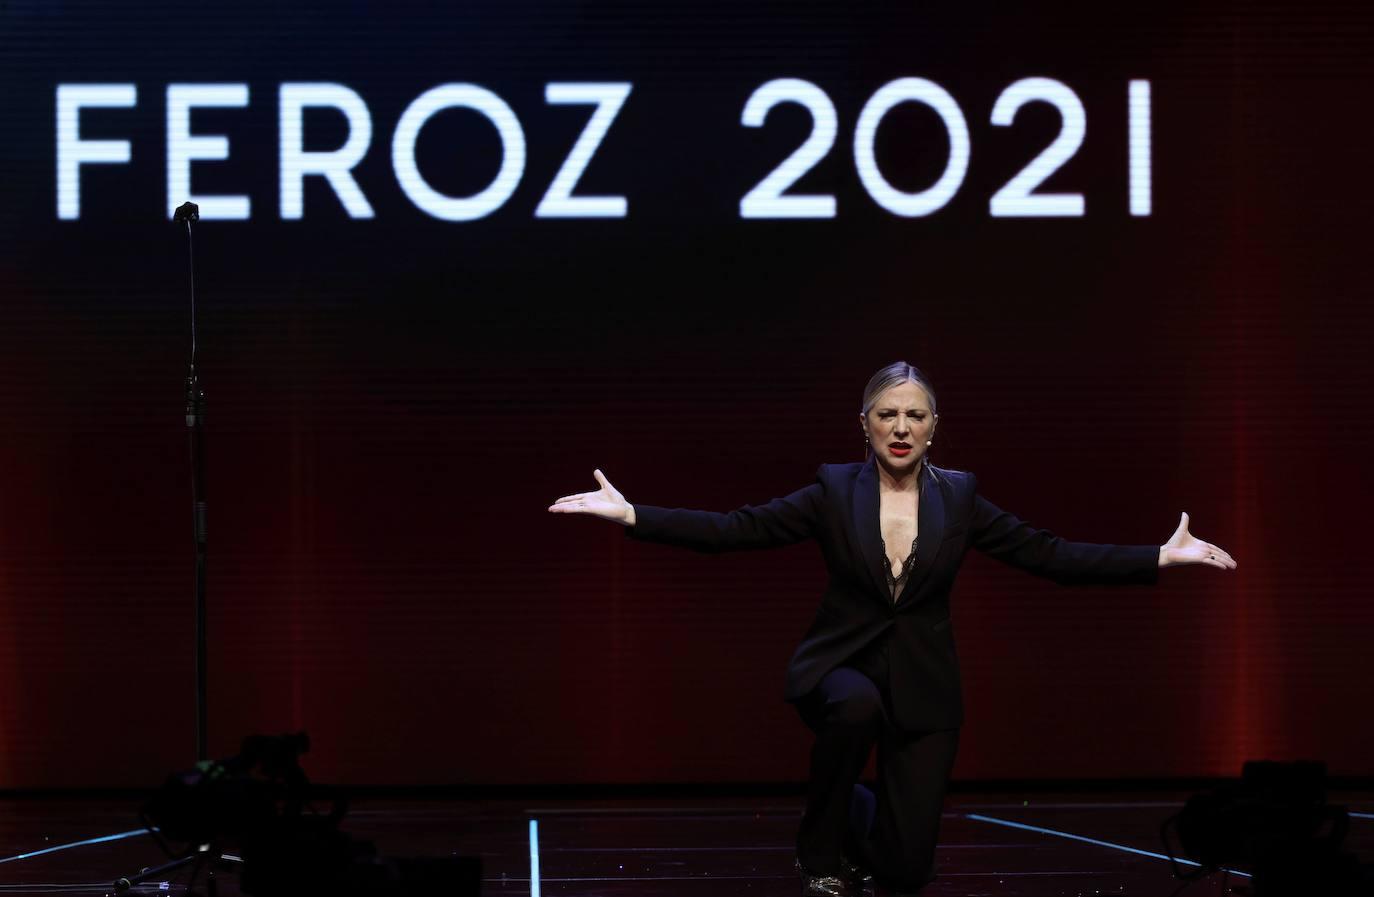 Fotos: La gala de los Premios Feroz, en imágenes | El Diario Montañes